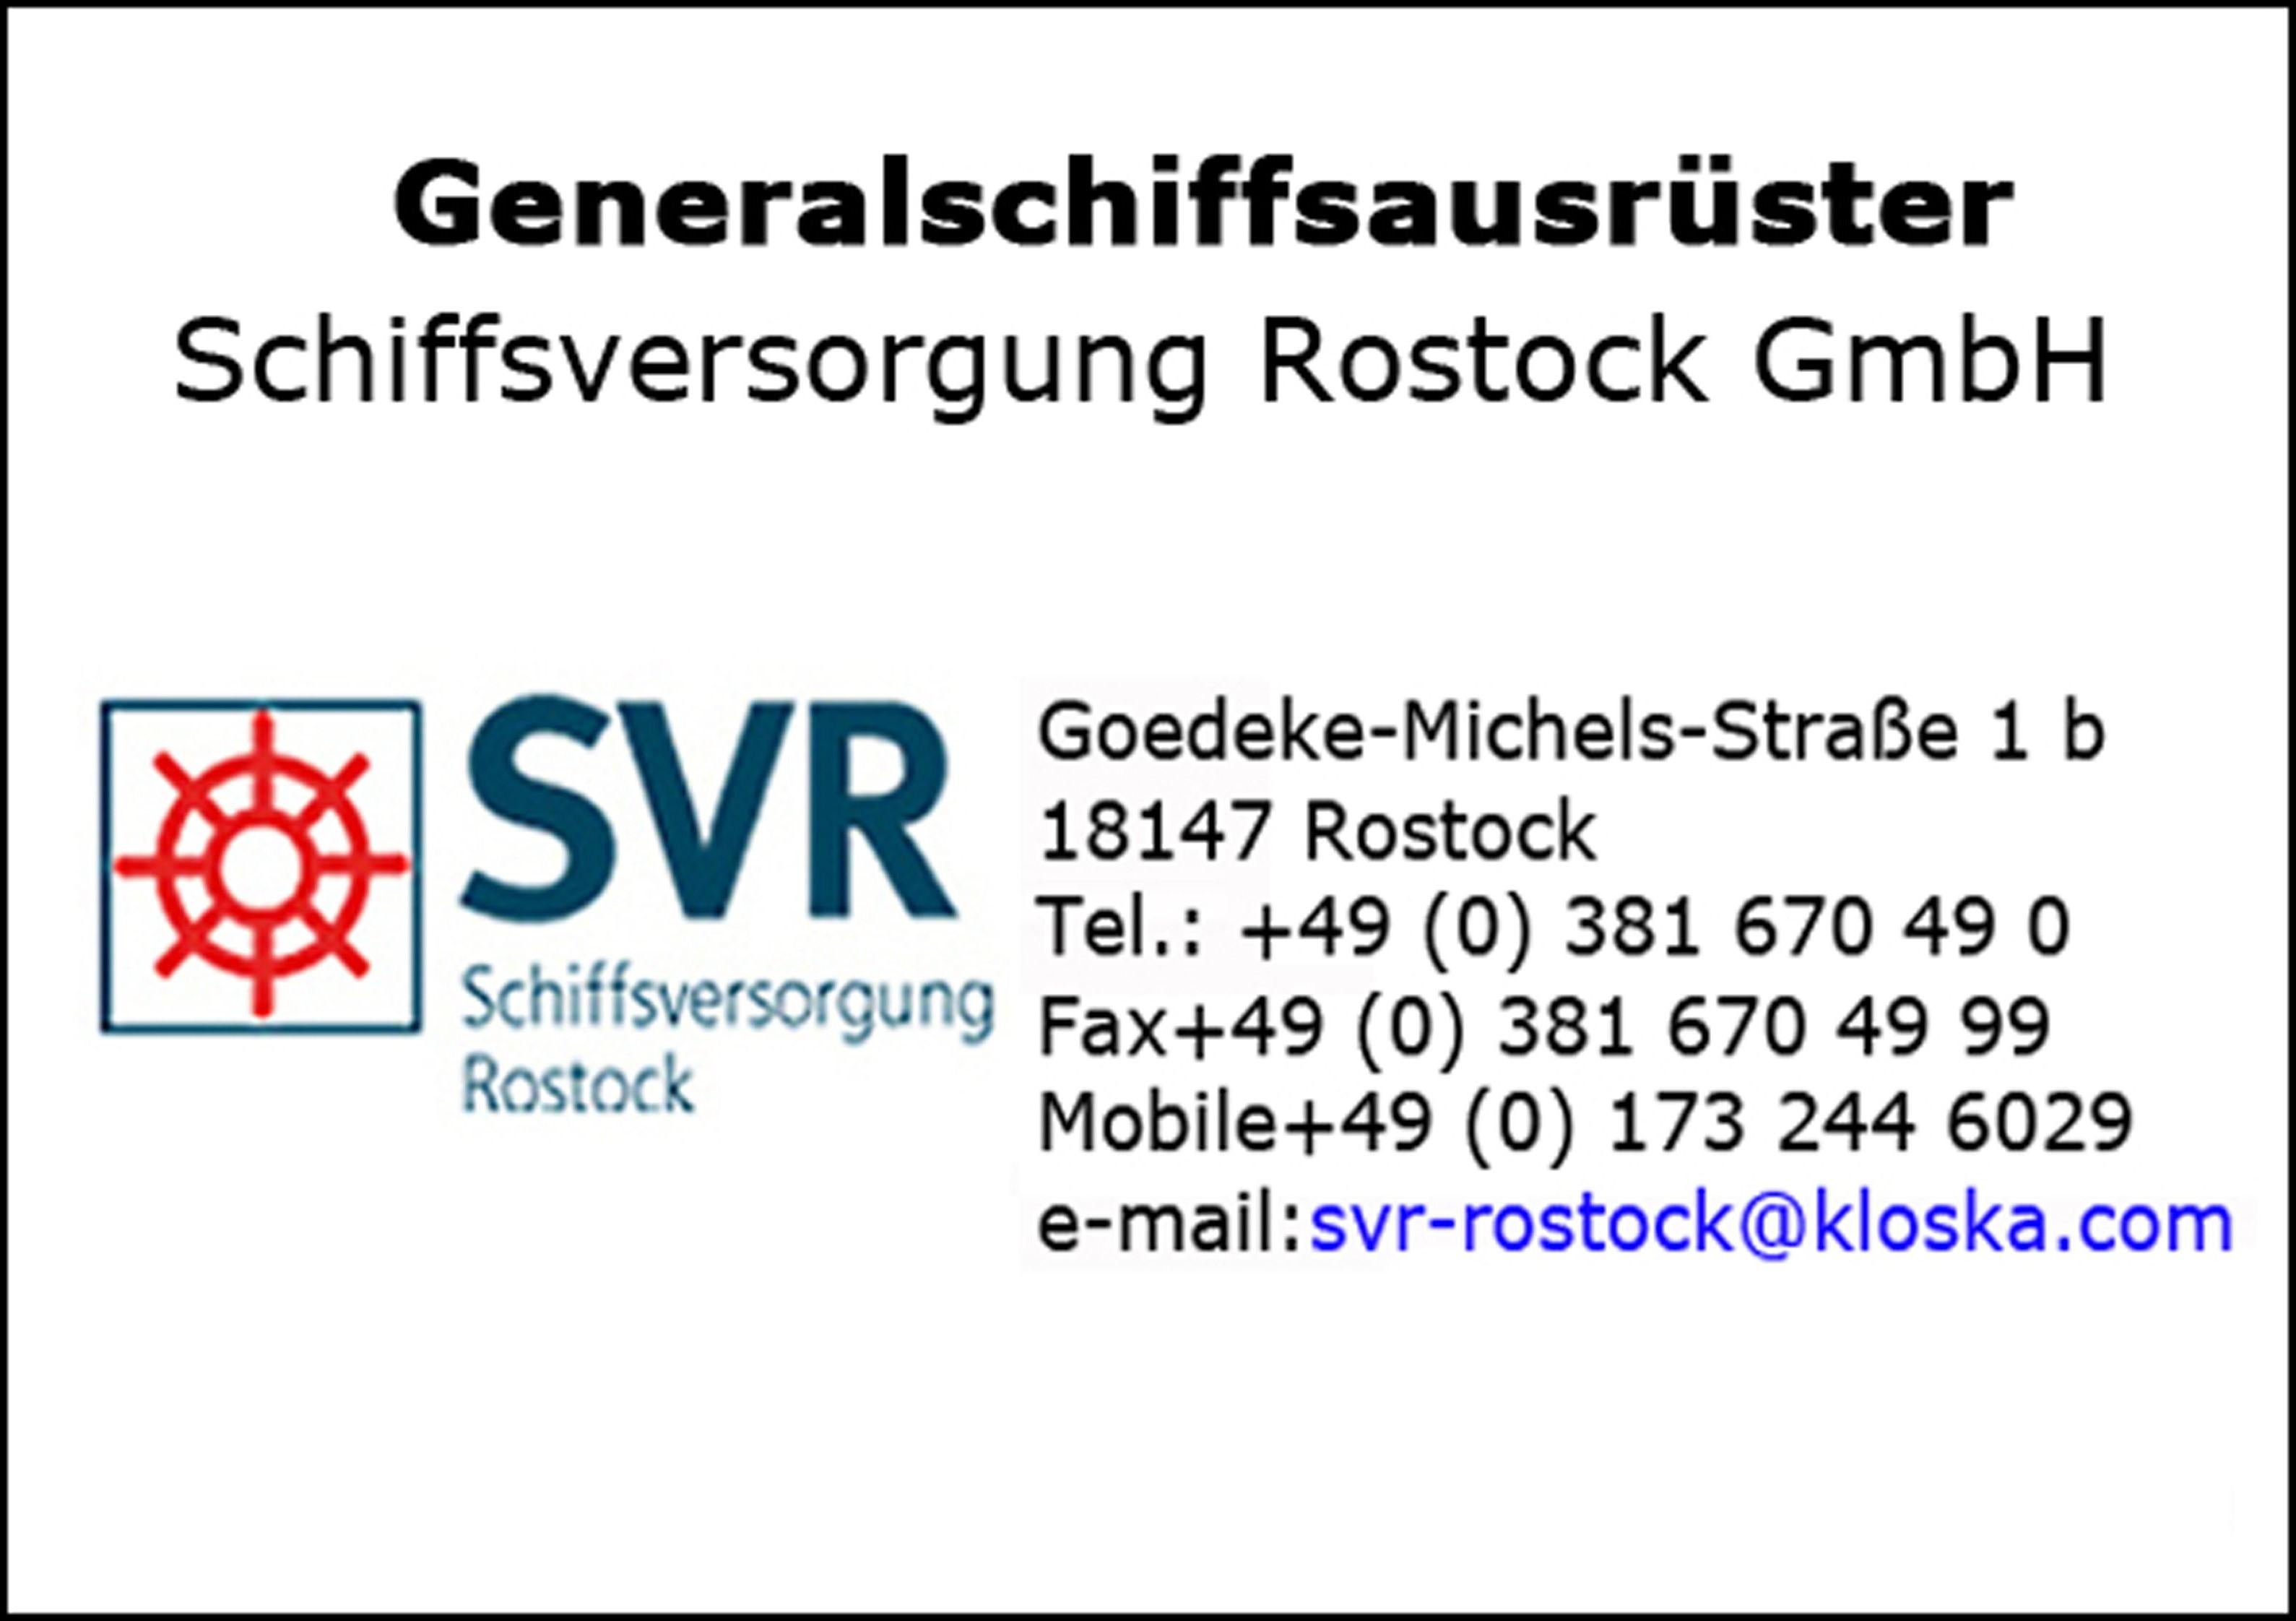 svr rostock